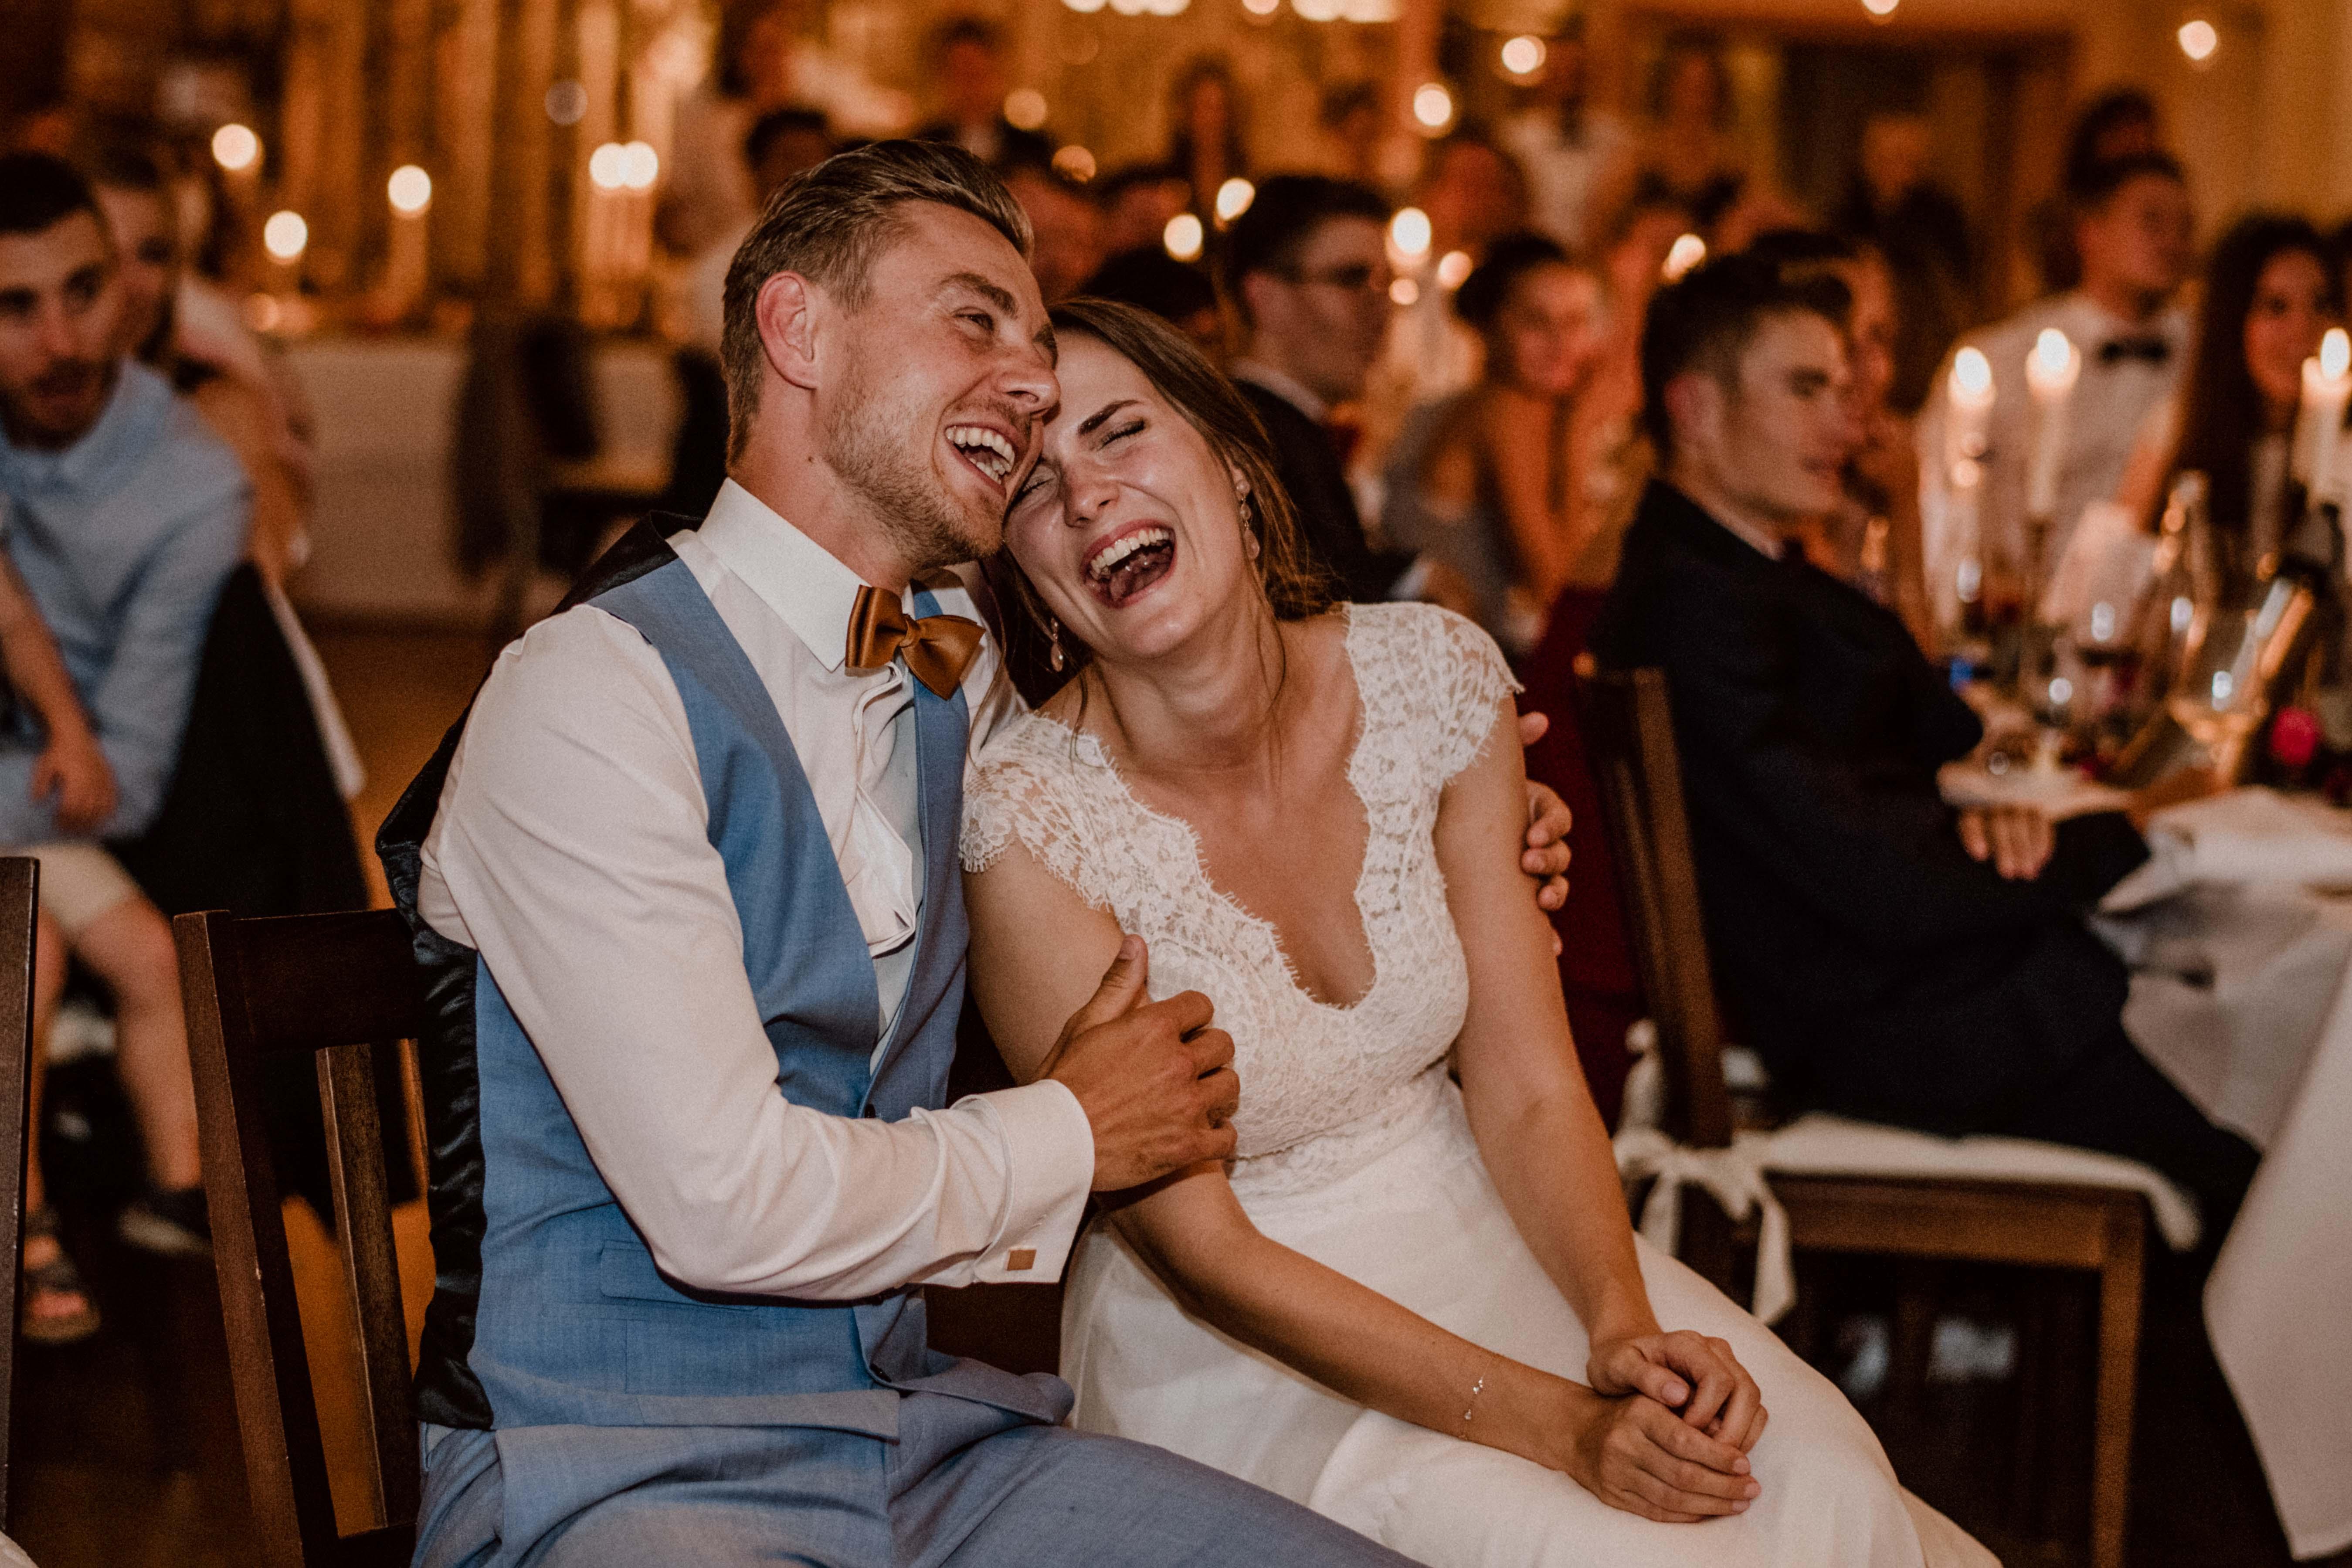 lovestory weddingday sonja poehlmann photography wedding muenchen bayern